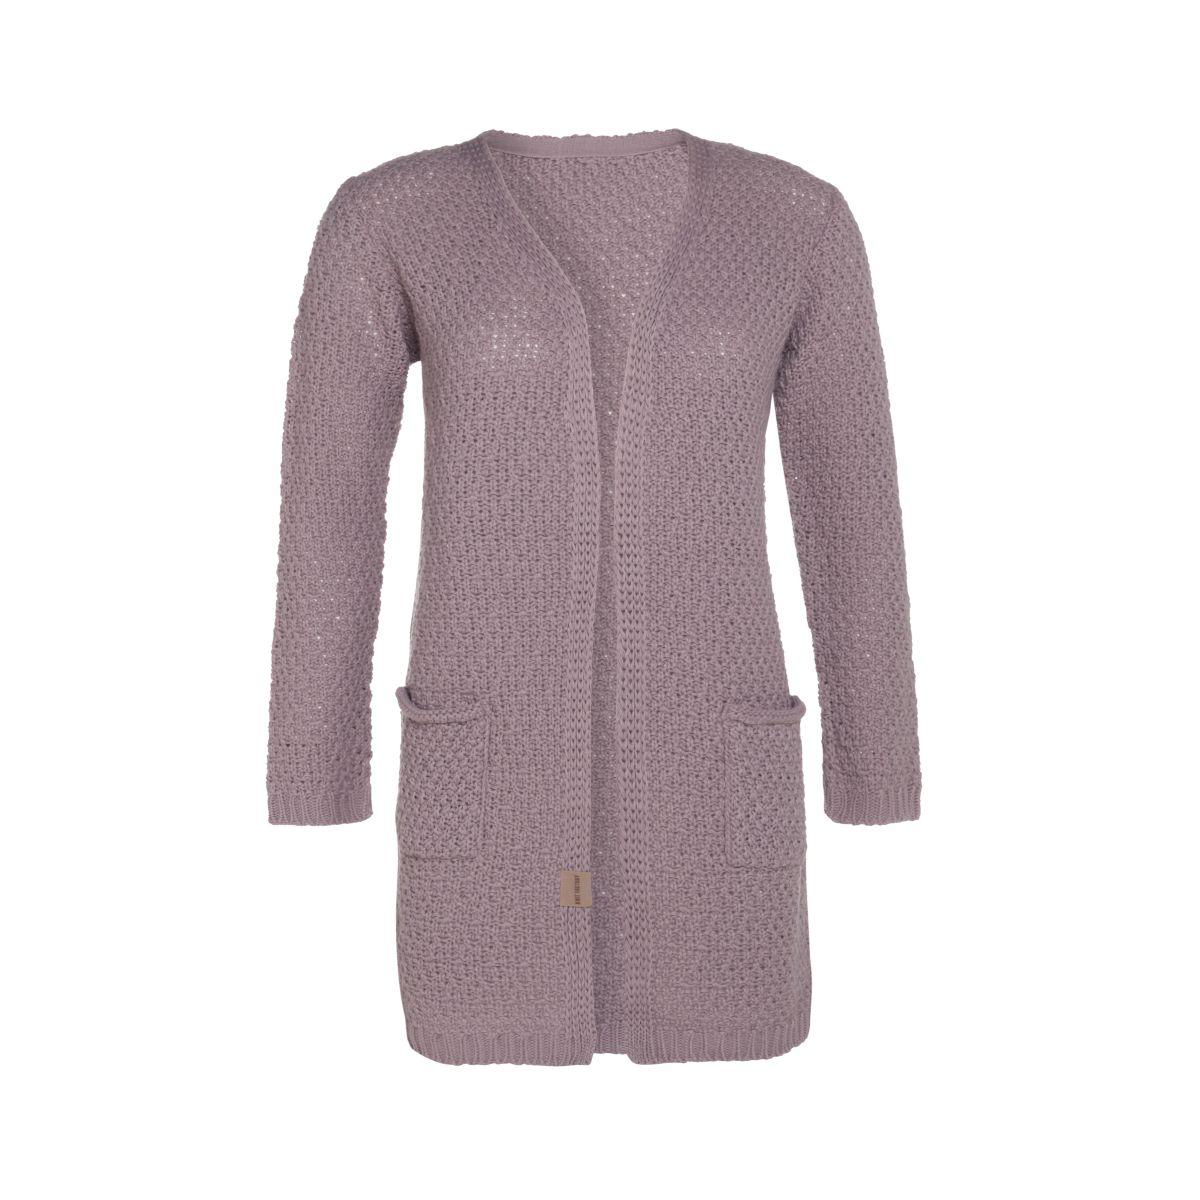 knit factory kf13308103449 luna vest mauve 3638 1